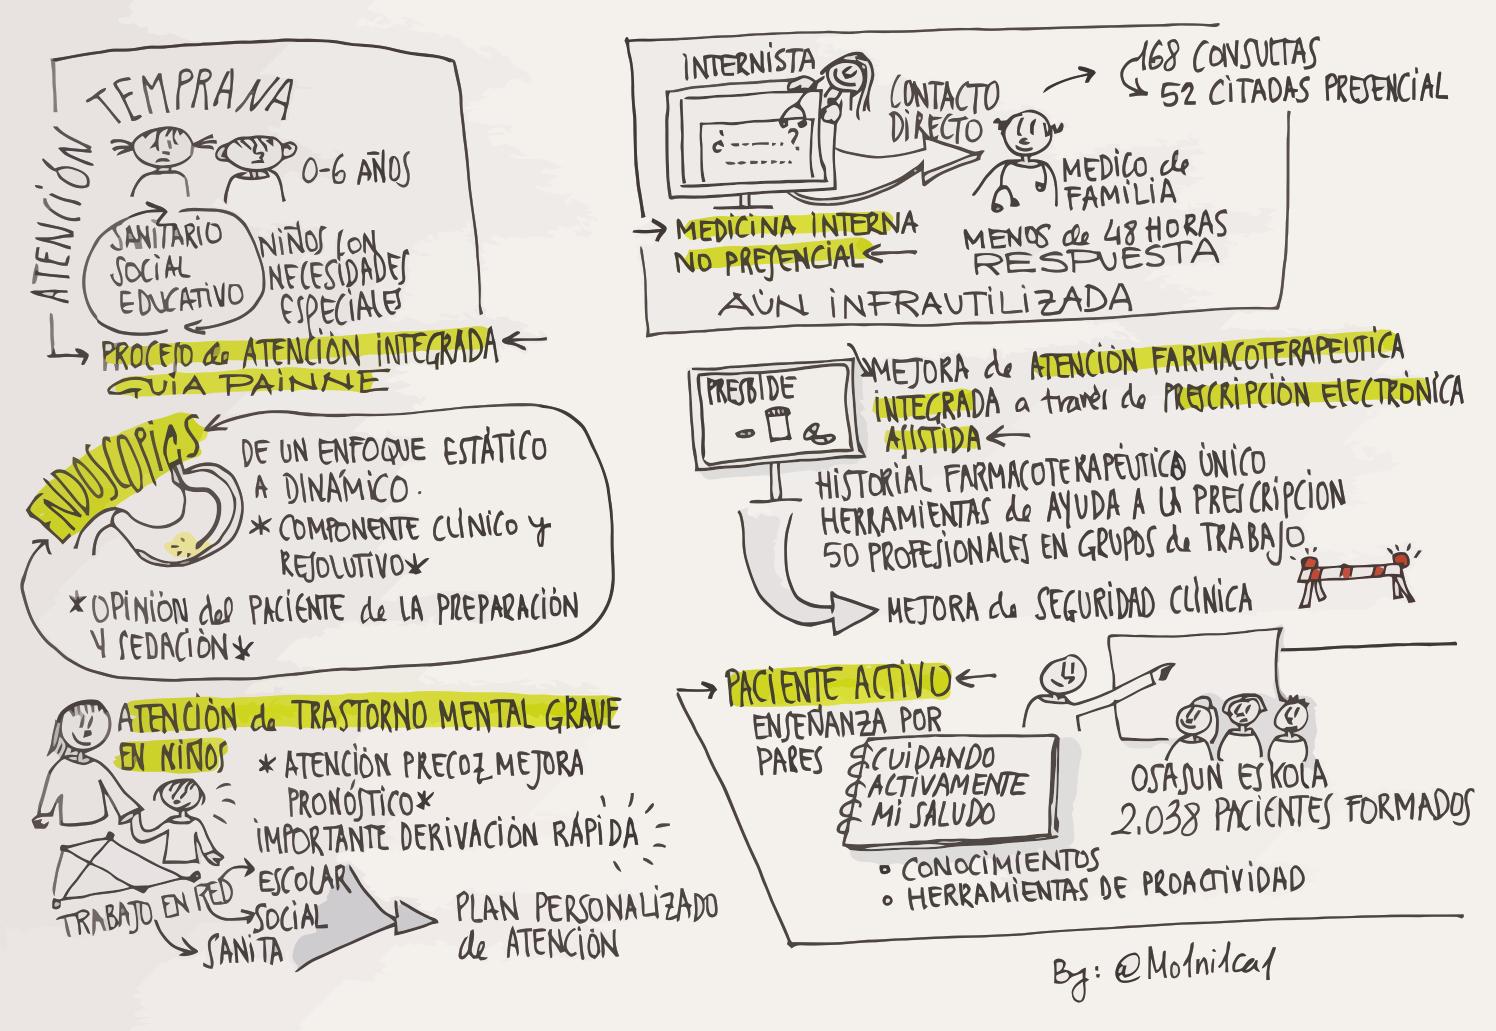 Integración asistencial, paciente activo, sketchnote